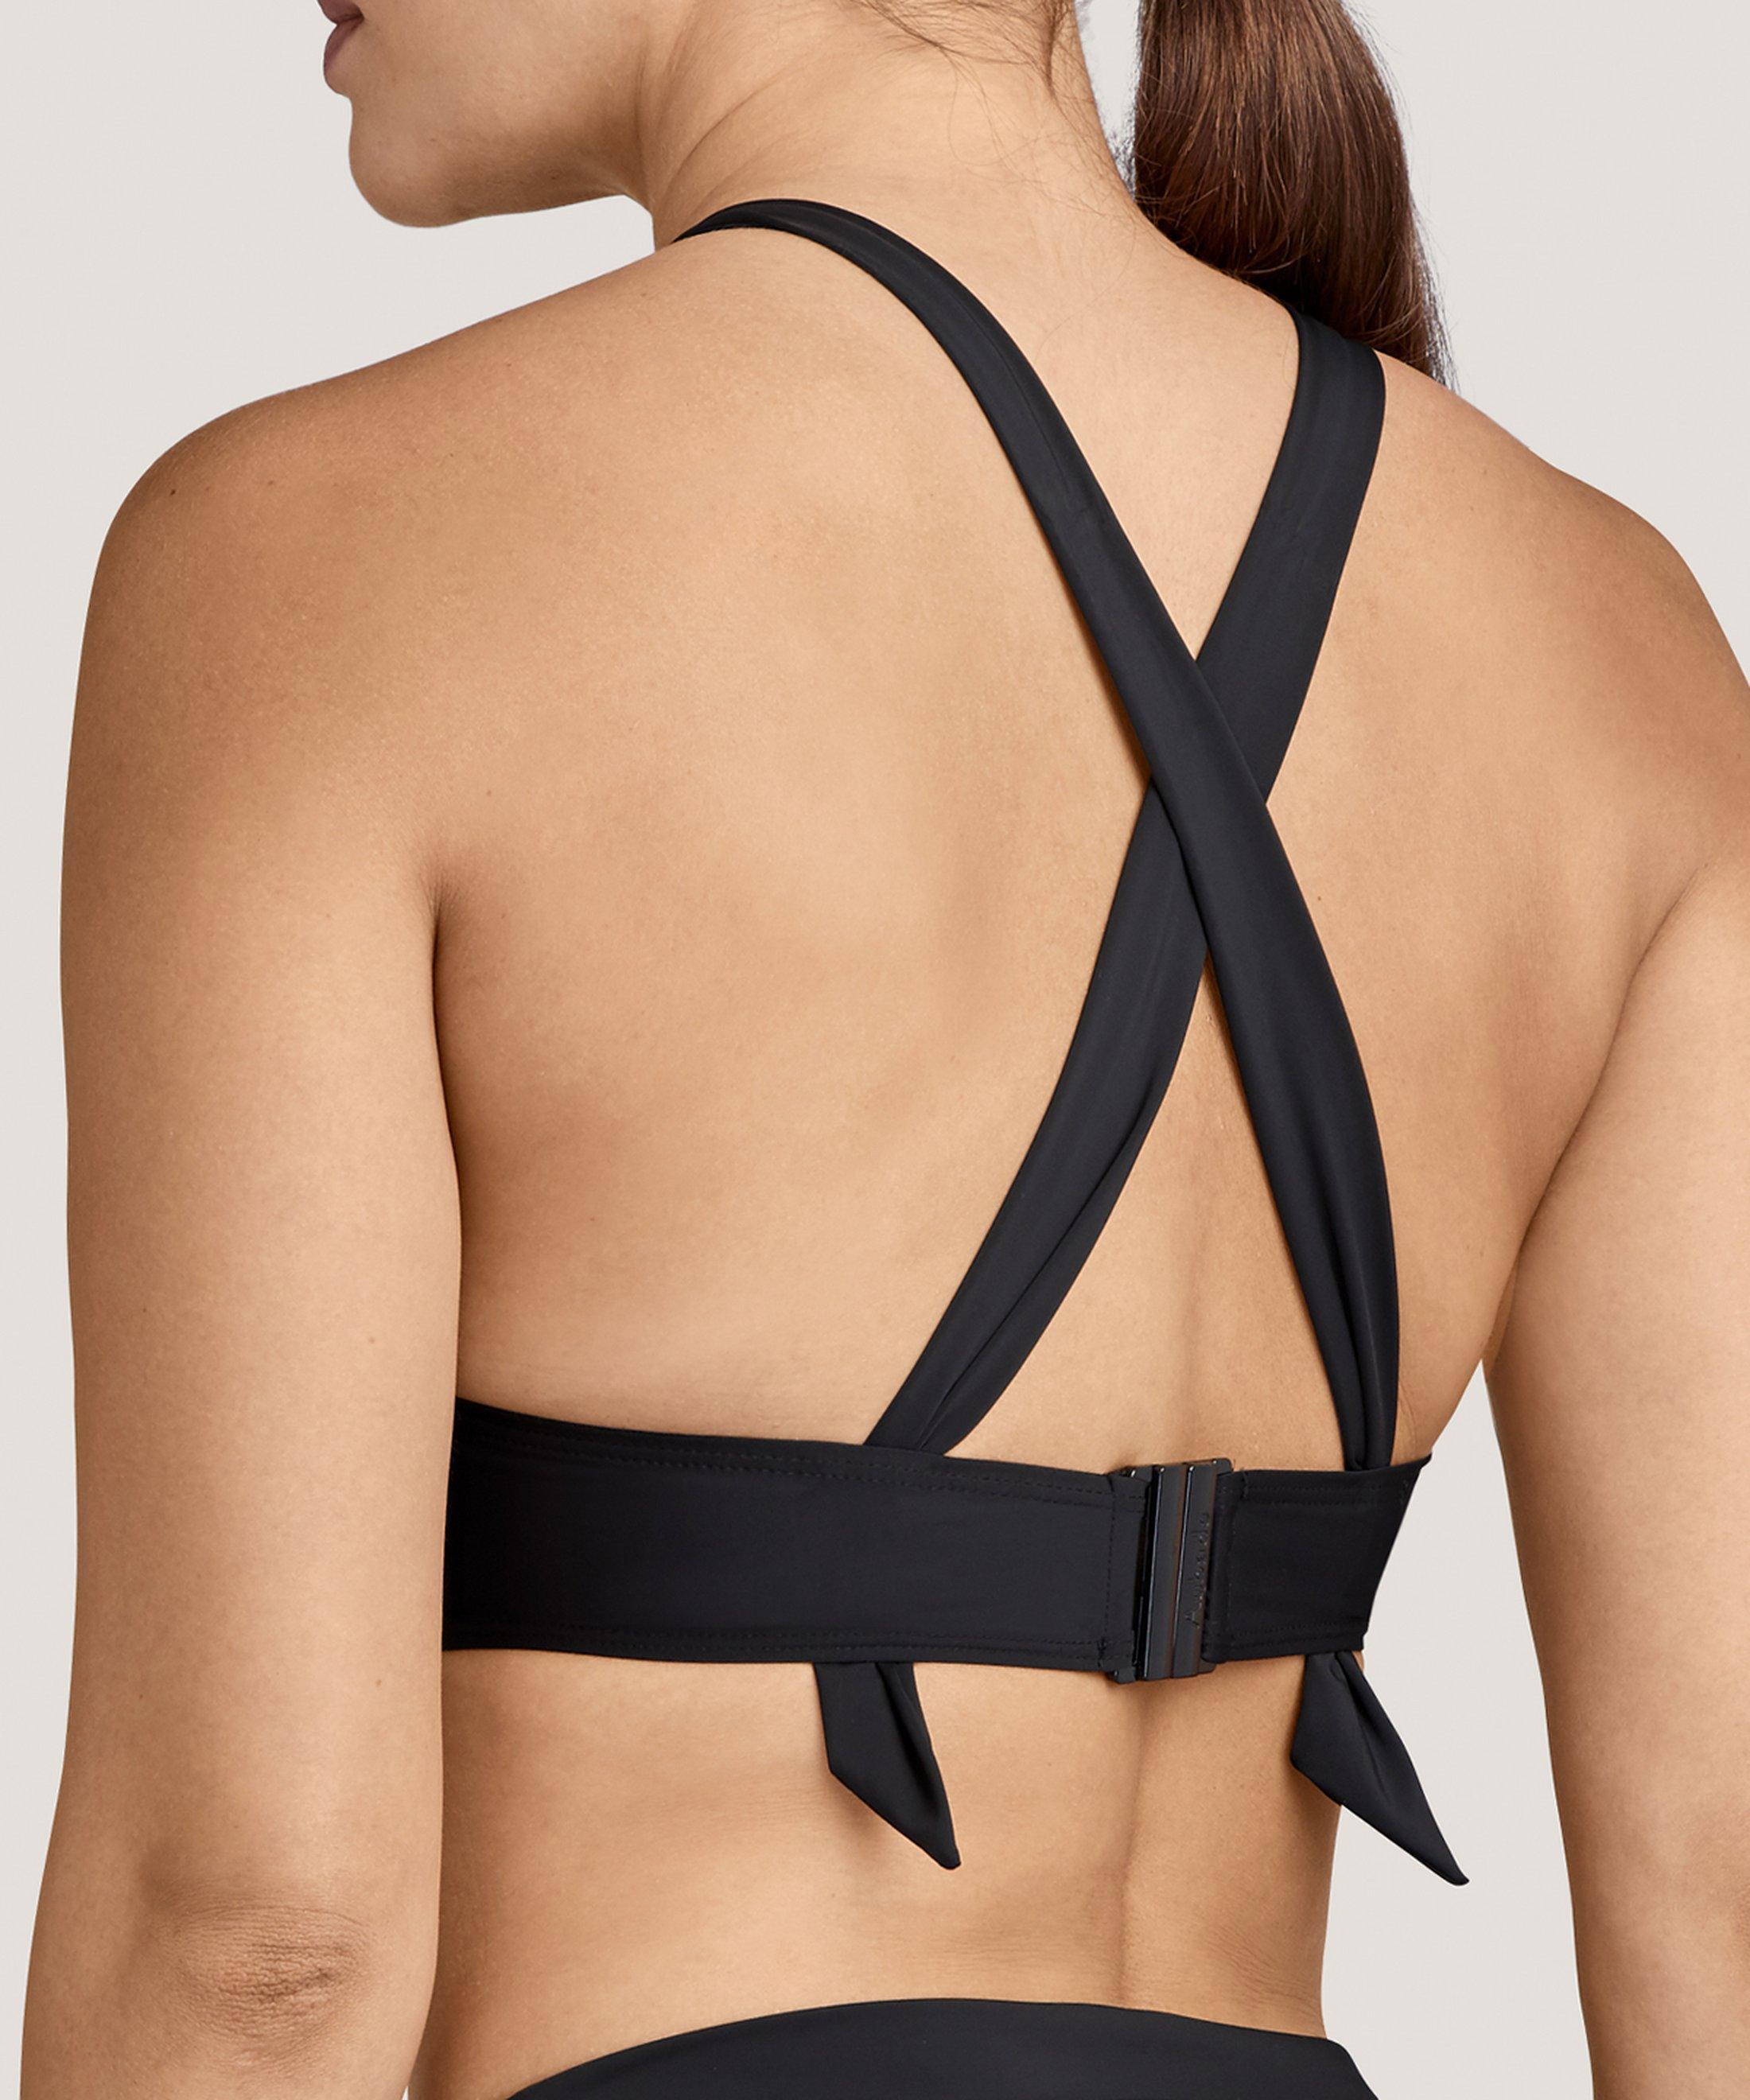 LA PLAGE ENSOLEILLÉE Moulded push-up bikini top Black | Aubade